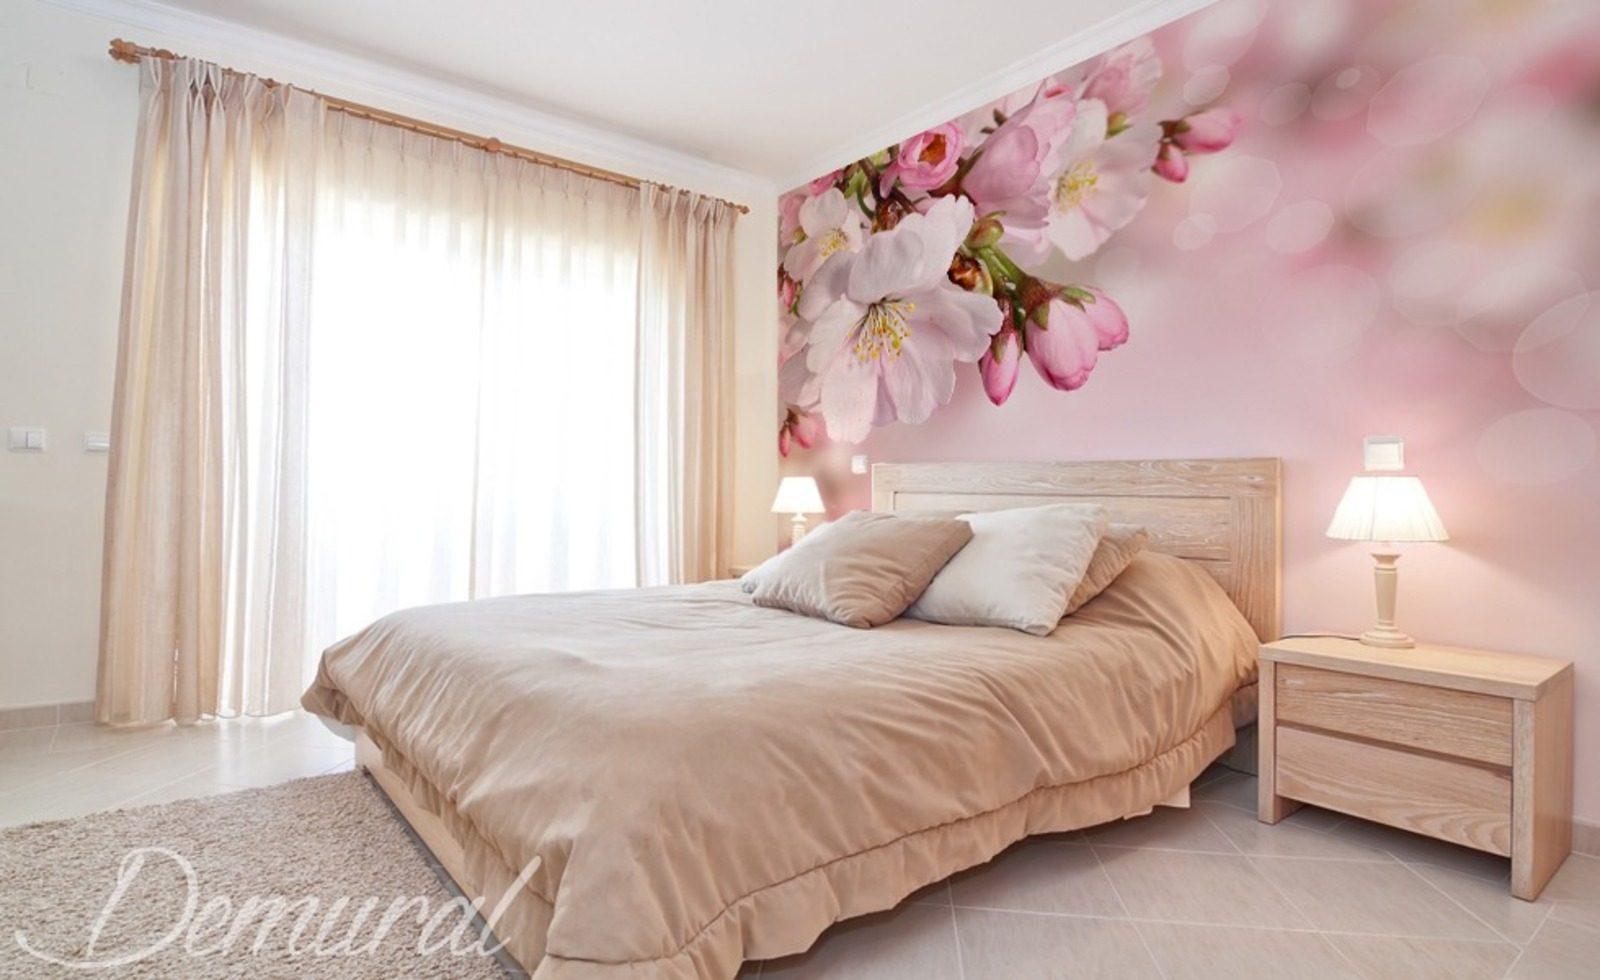 Wohnzimmer Deko Pastell Schlafzimmer Pastellfarben U Chillege